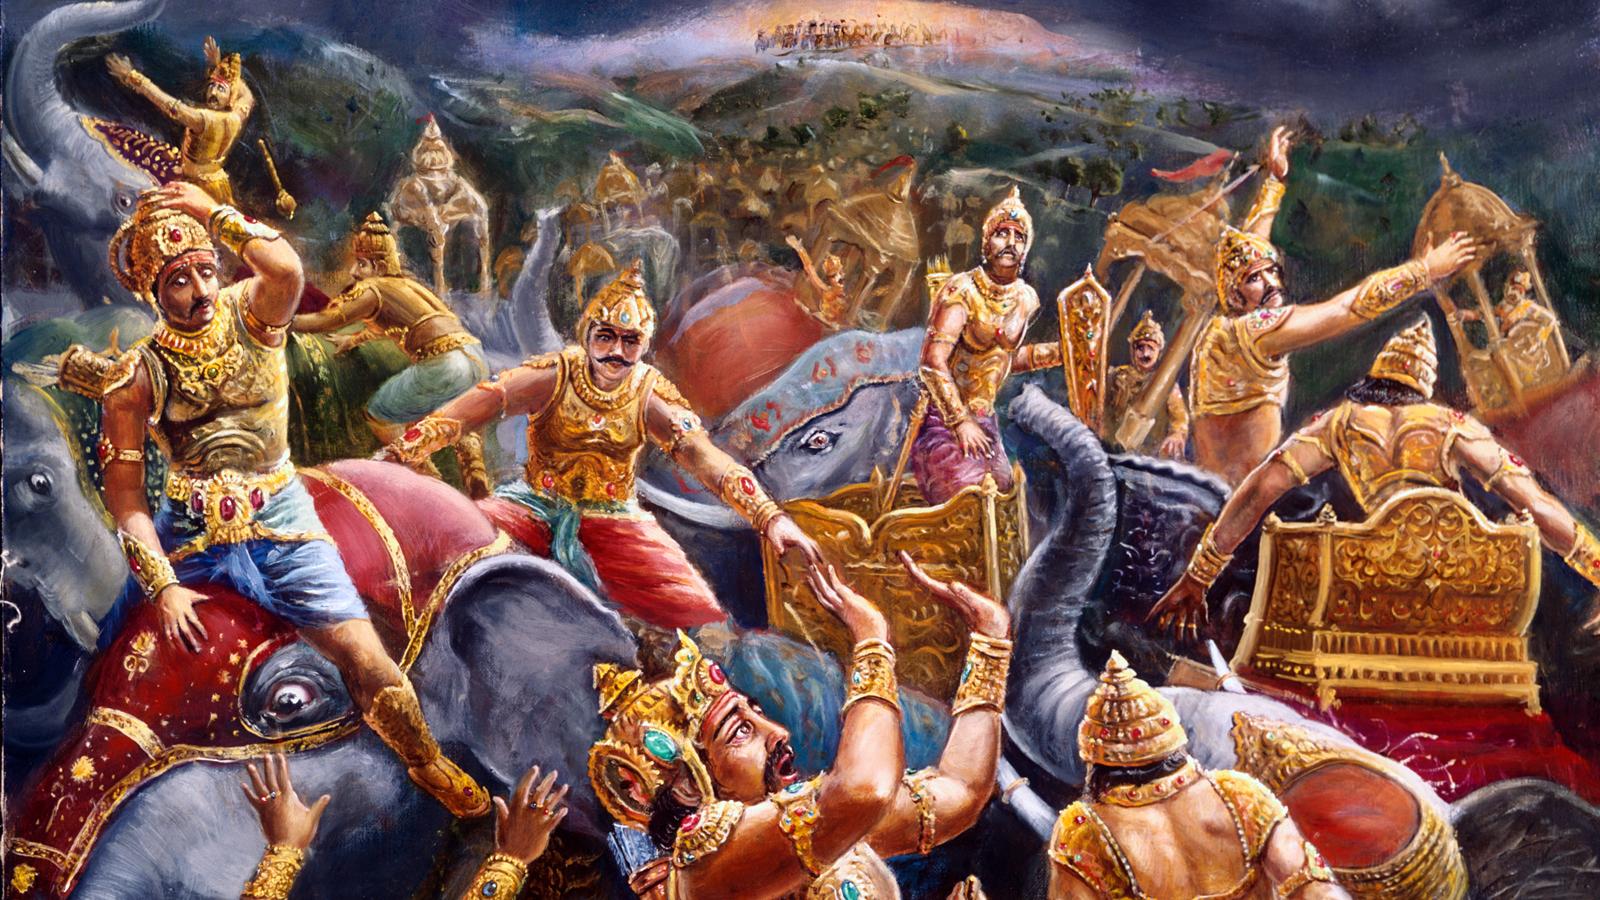 Fighting between devatas and demons